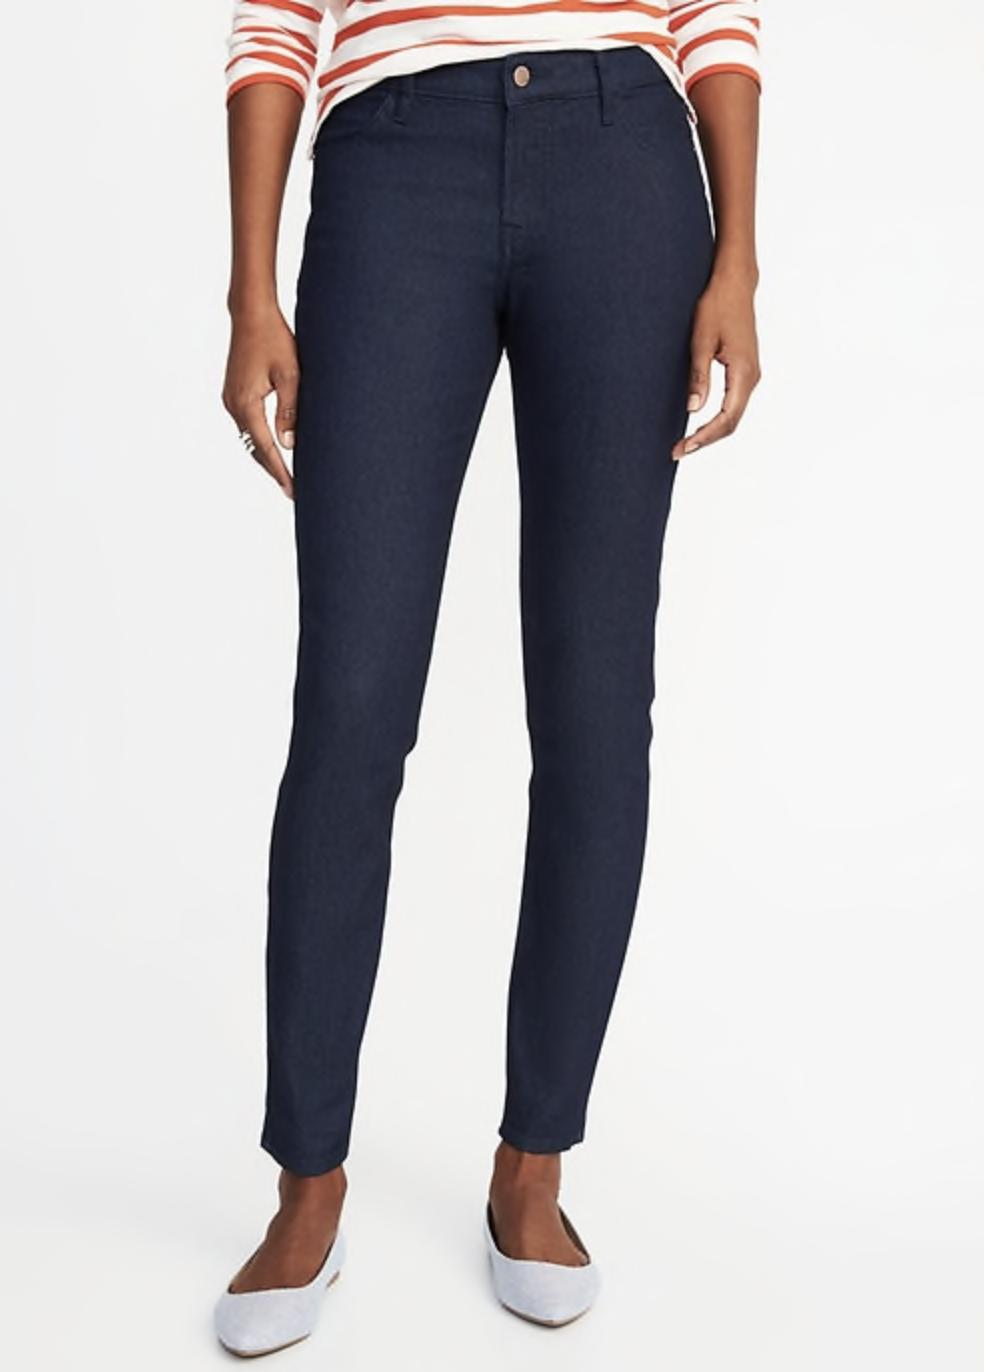 darkest wash jeans under $20